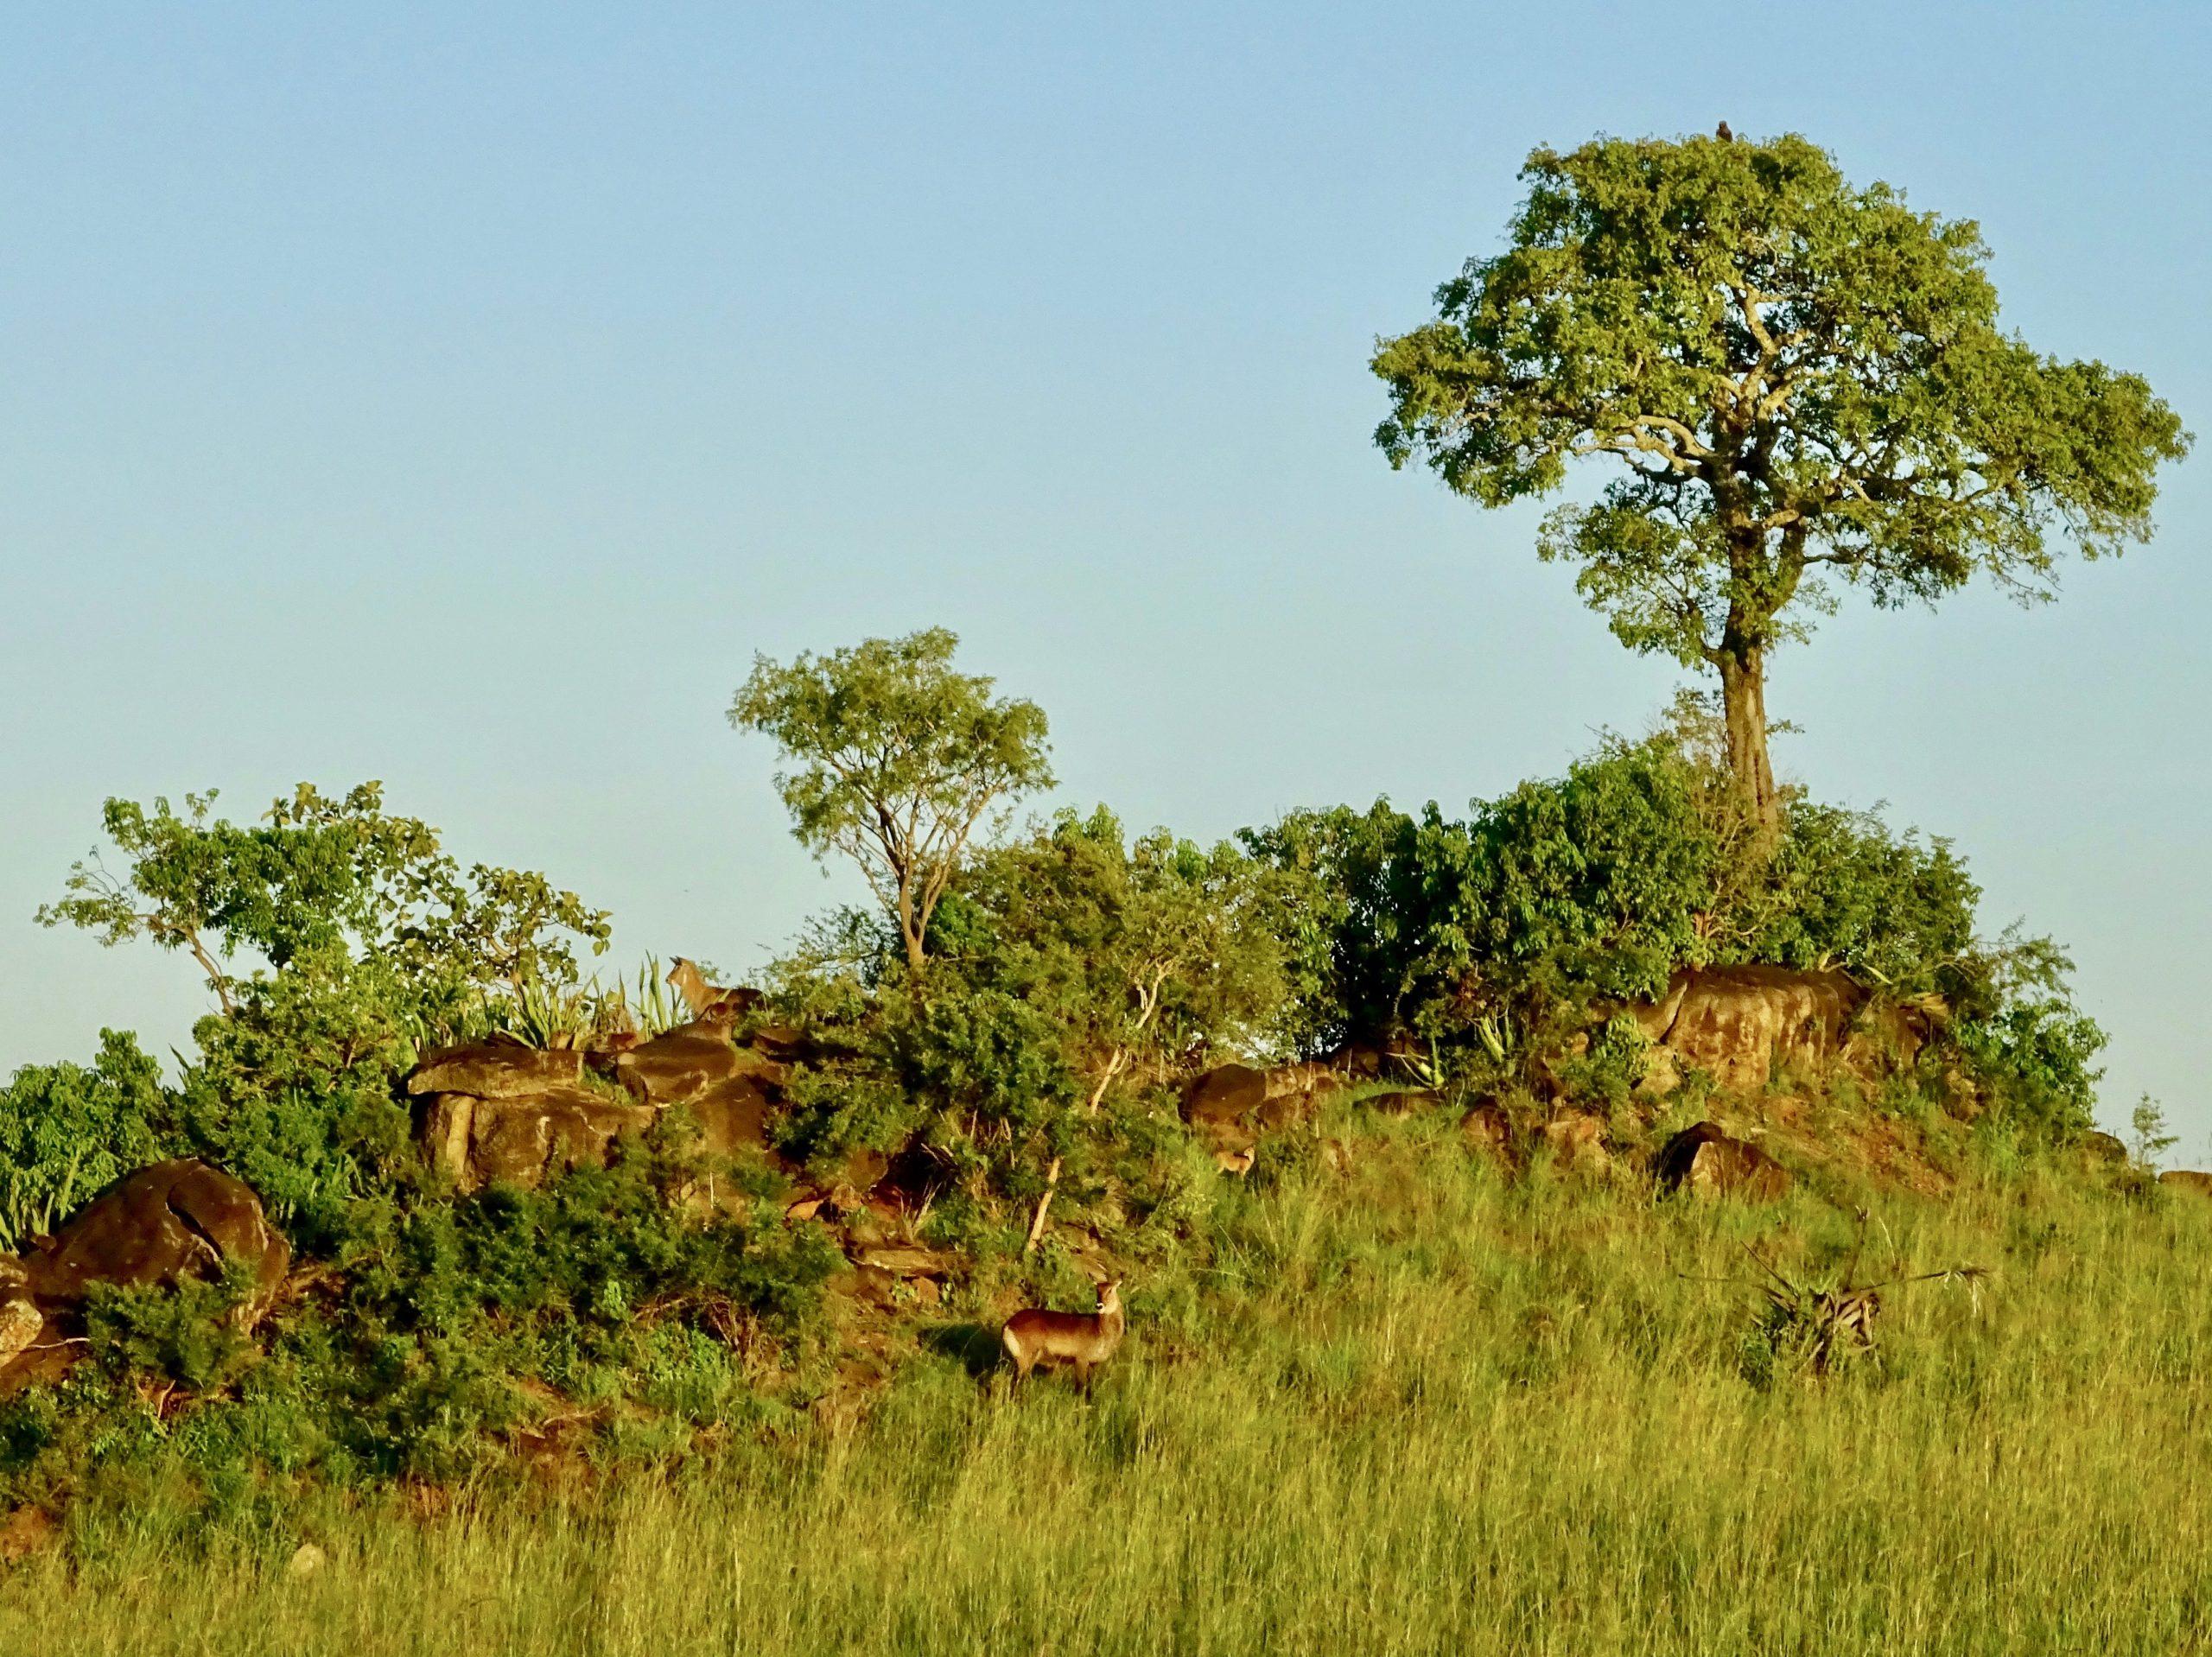 Impala's op een rots nabij het kamp